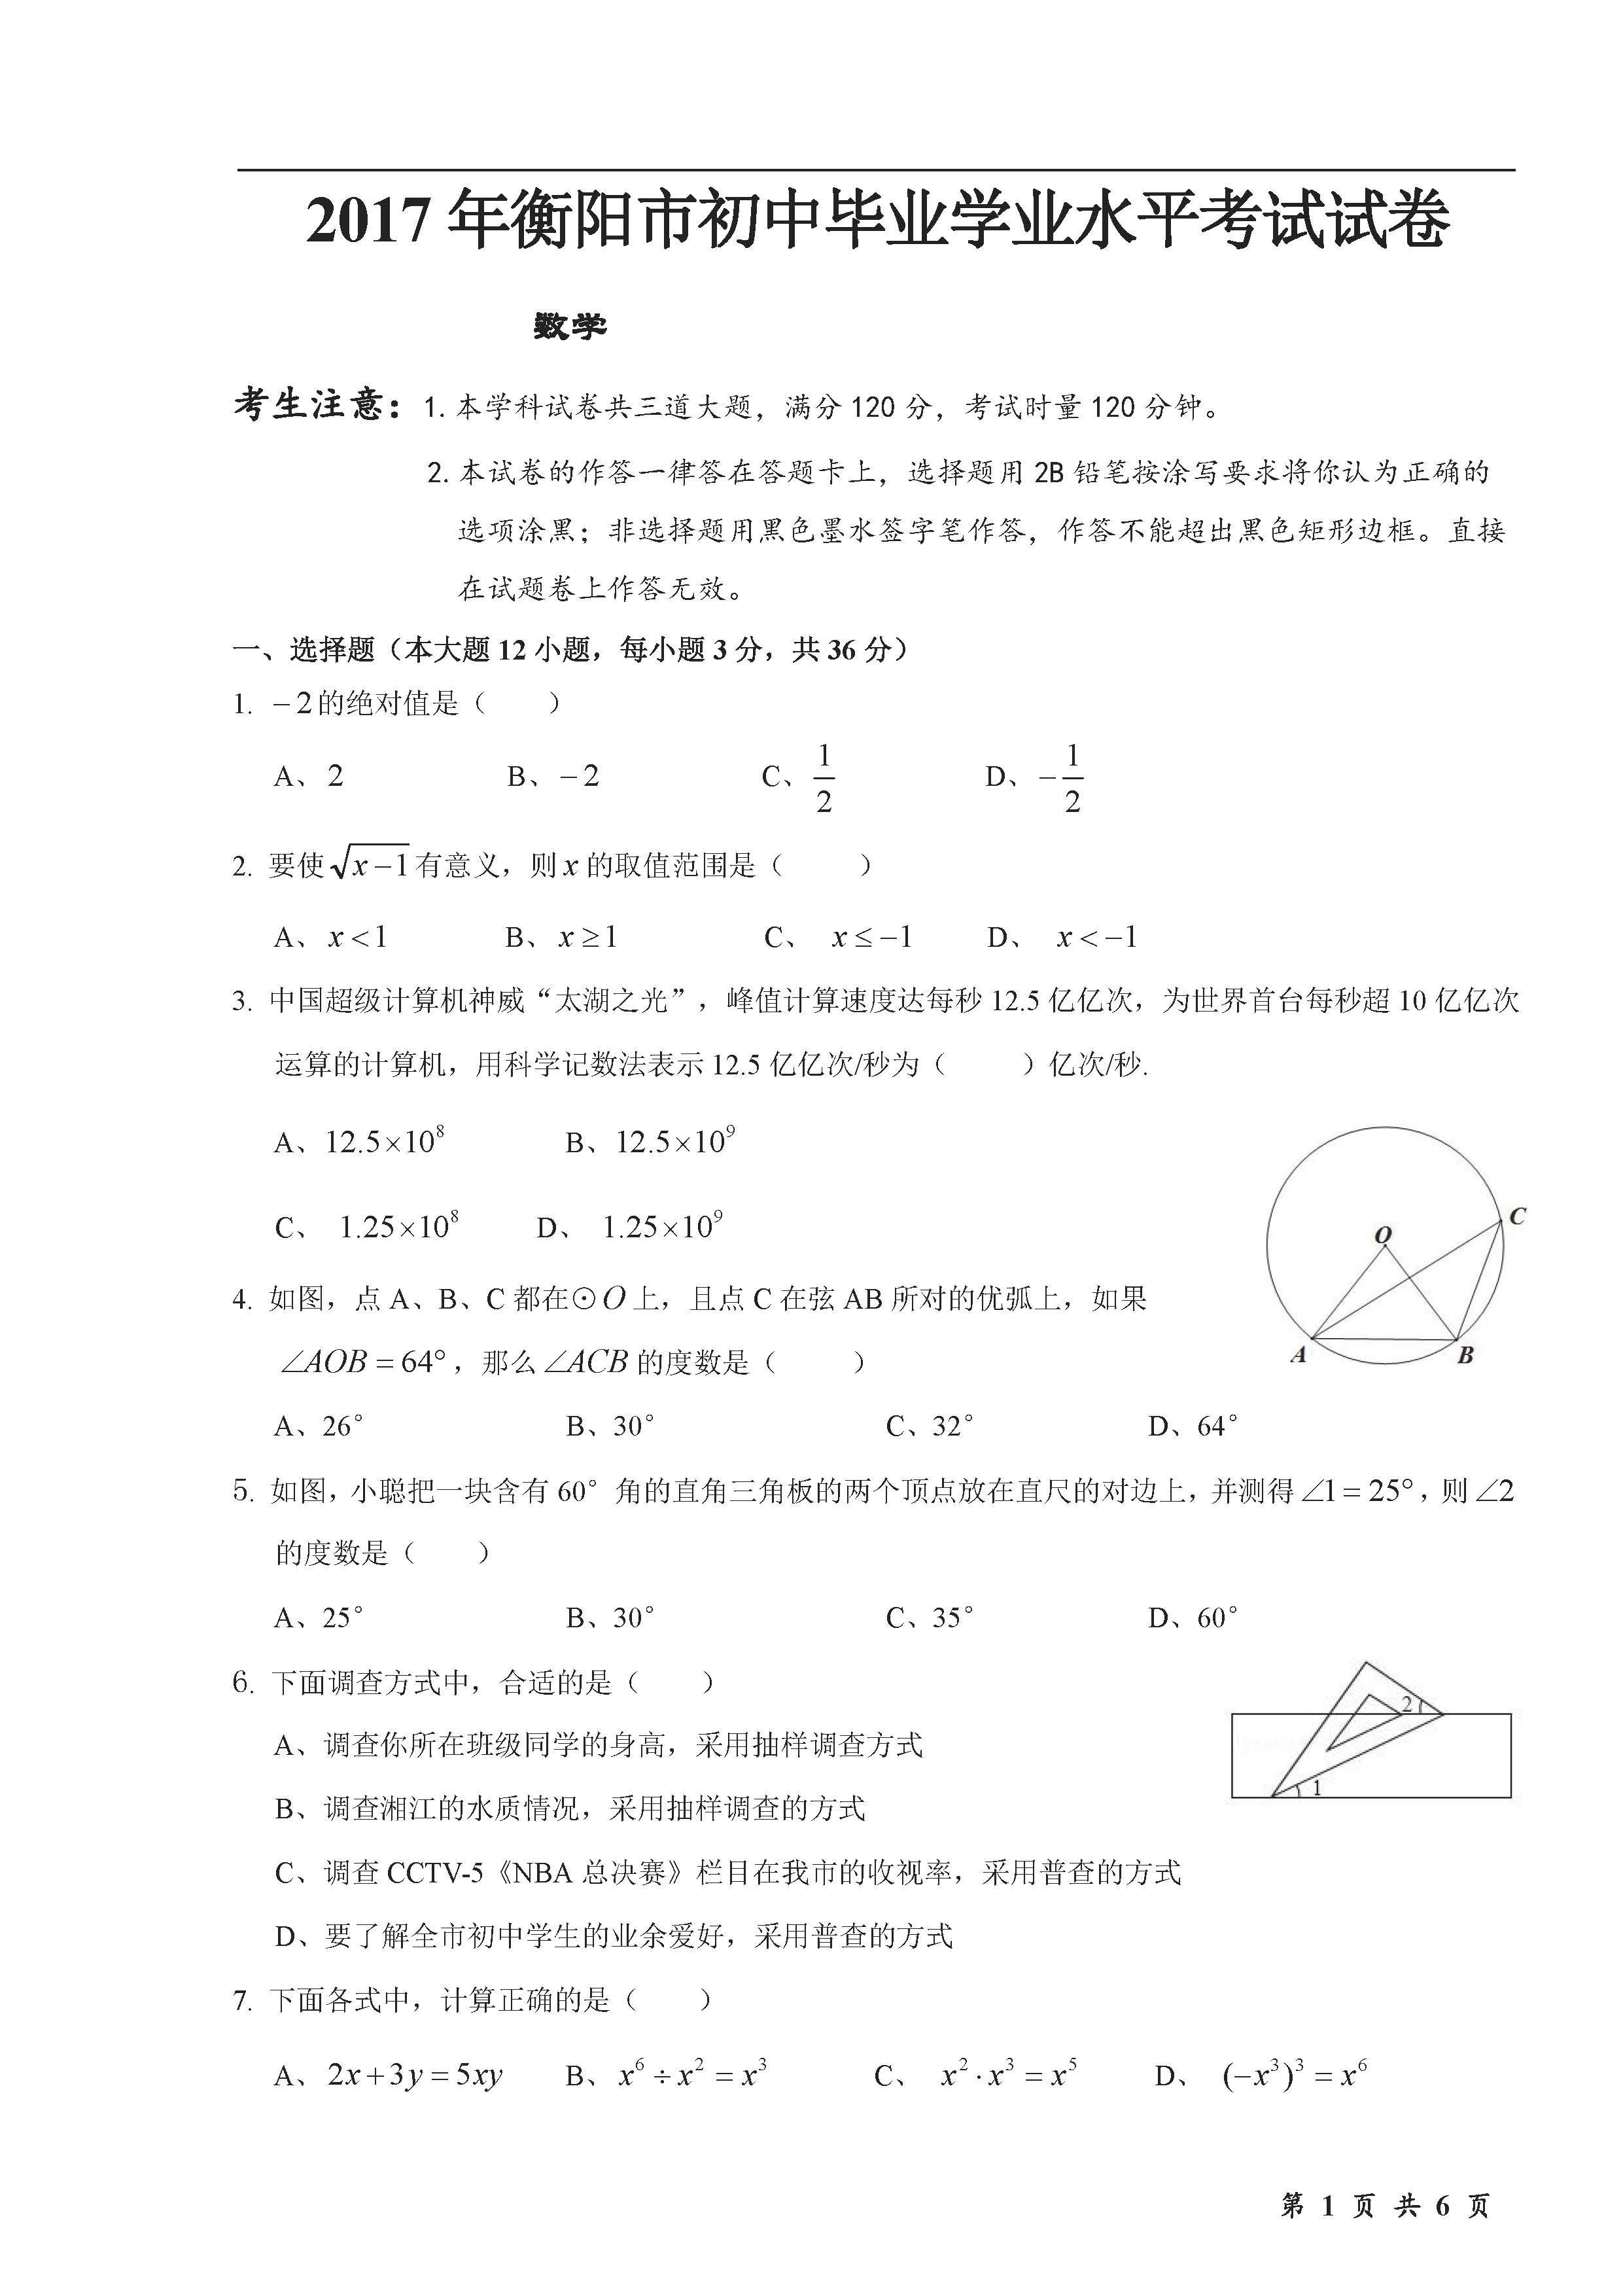 2017衡阳中考数学试题及答案解析(图片版无答案)